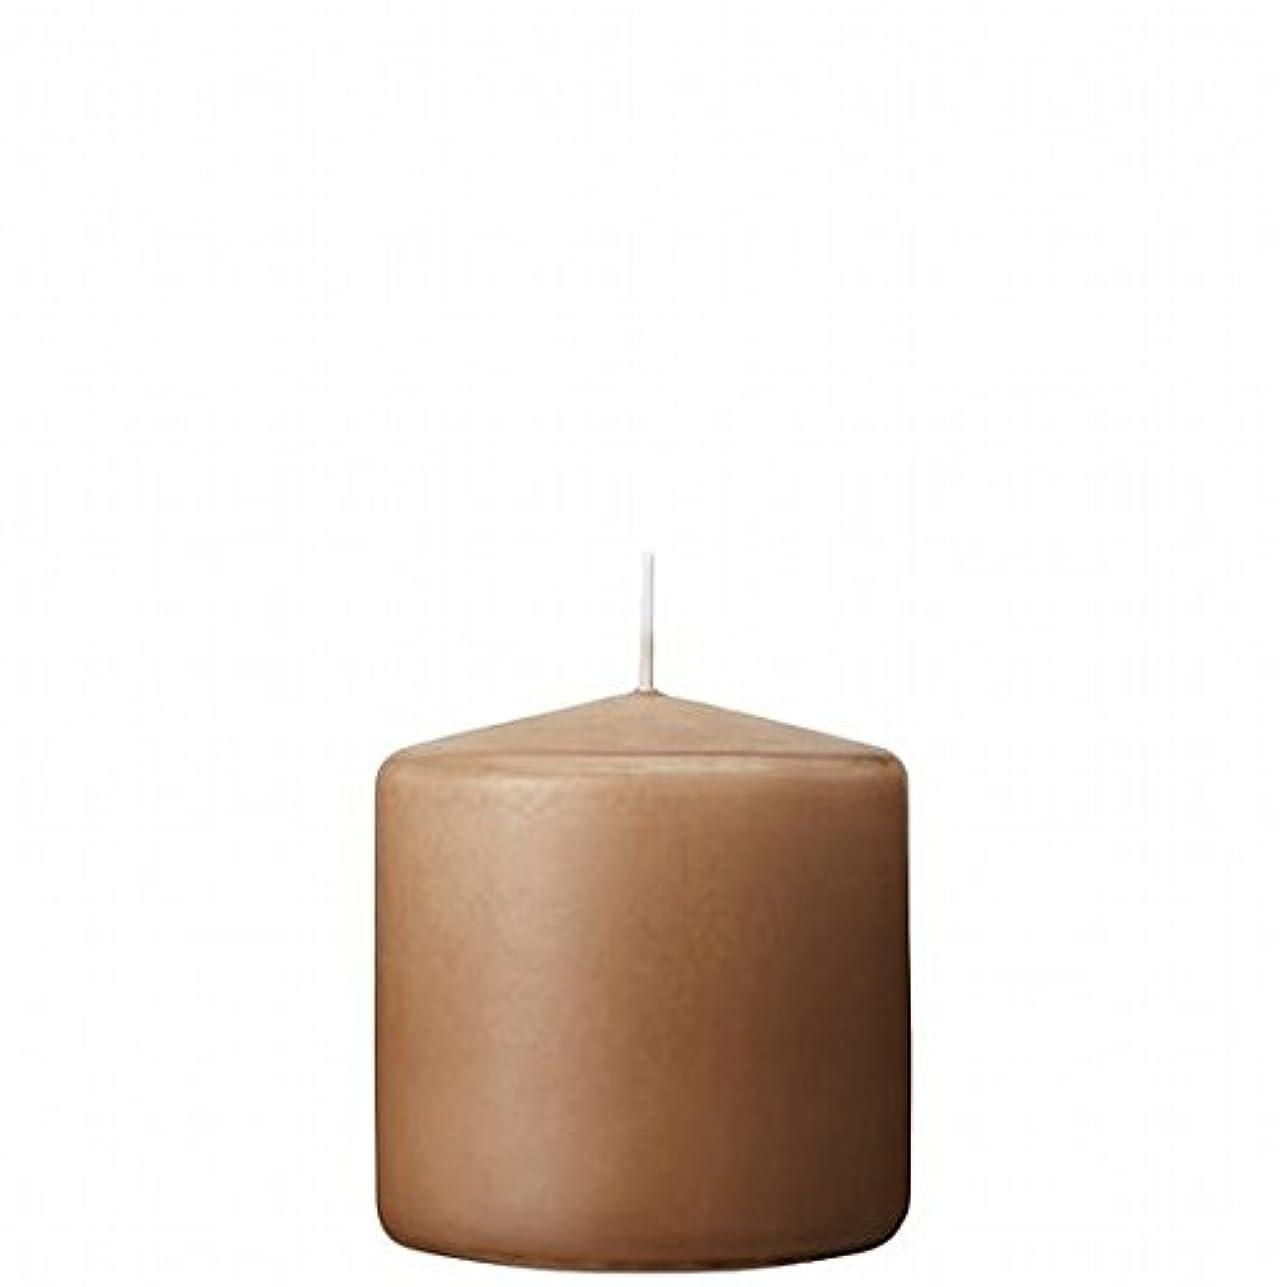 怖がって死ぬ到着するいまkameyama candle(カメヤマキャンドル) 3×3ベルトップピラーキャンドル 「 モカ 」(A9730000MO)